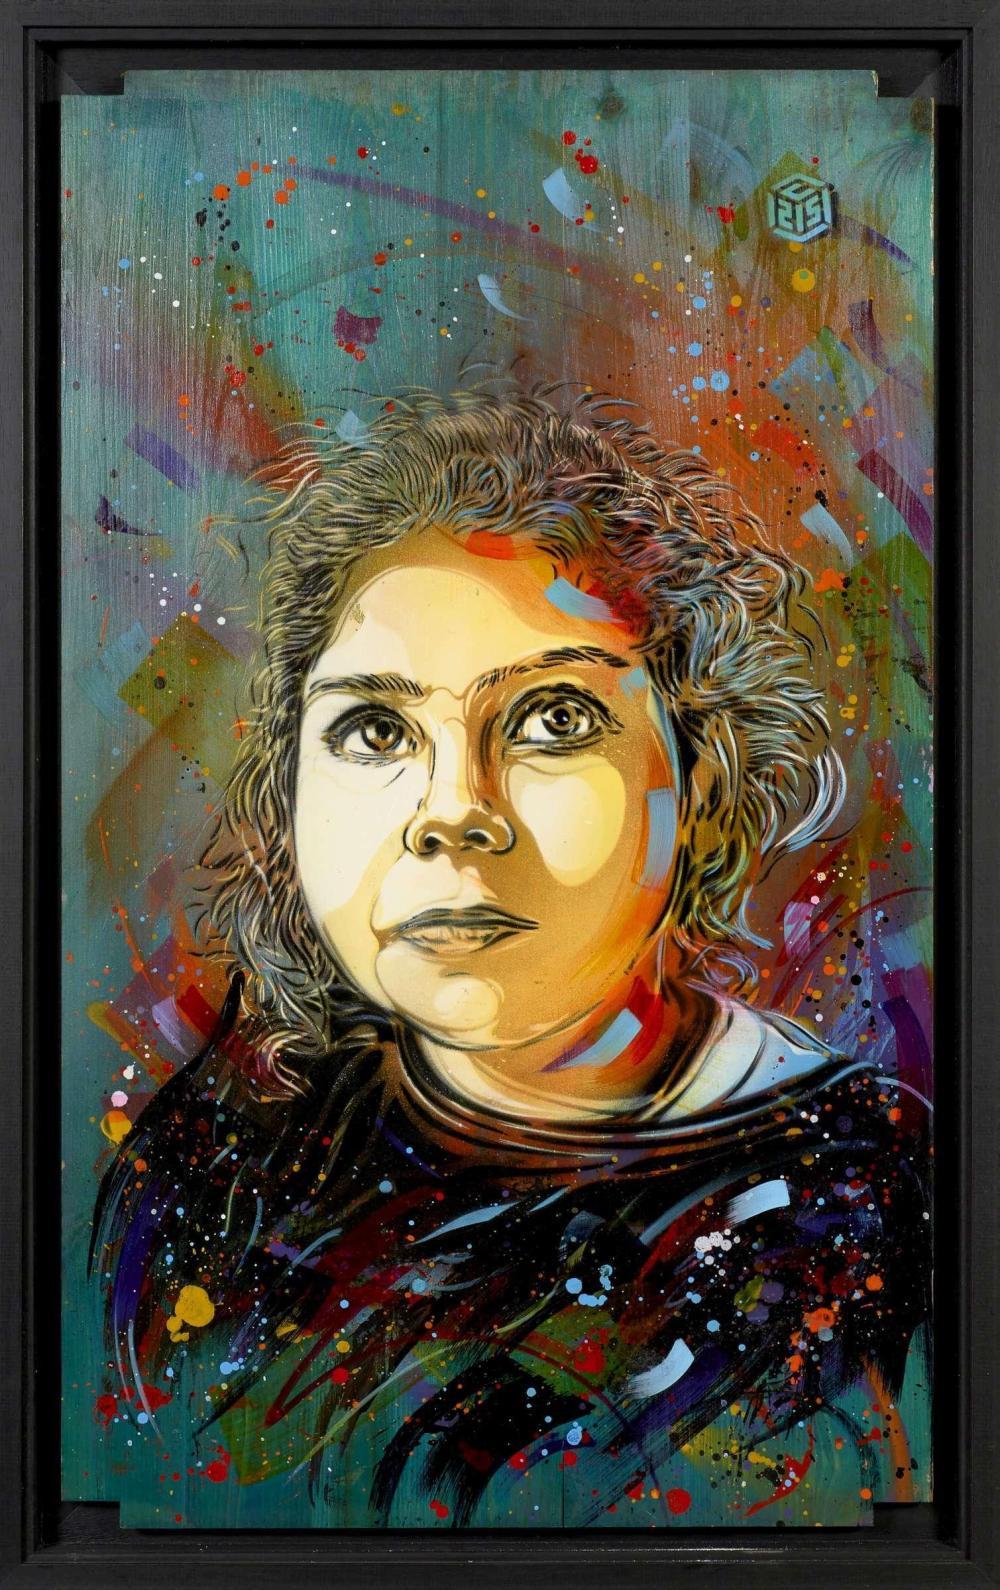 ¤ C215 Français - Né en 1973 Portrait de jeune fille - 2013 Pochoir, peinture aérosol et acrylique sur bois